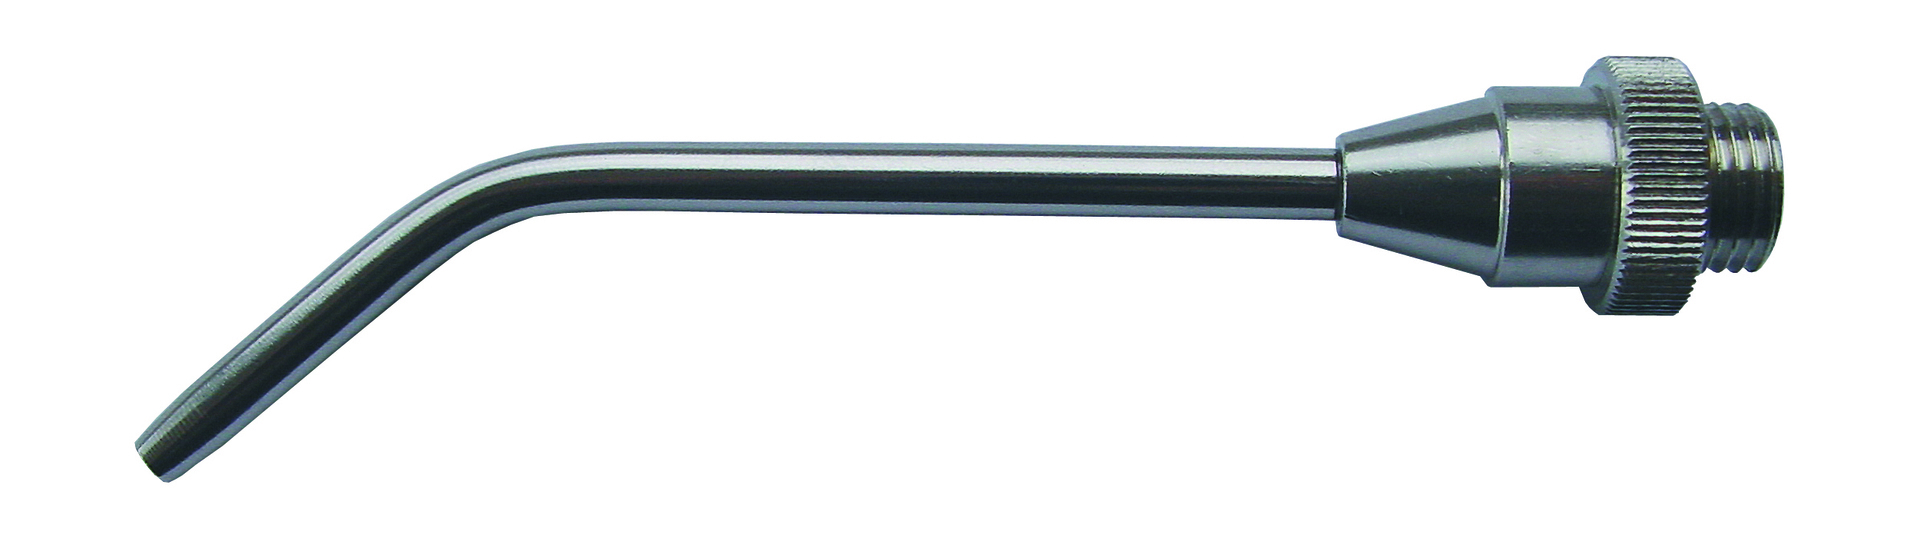 Tryska pro ofukovací pistoli, prodloužená 160 mm, zahnutá